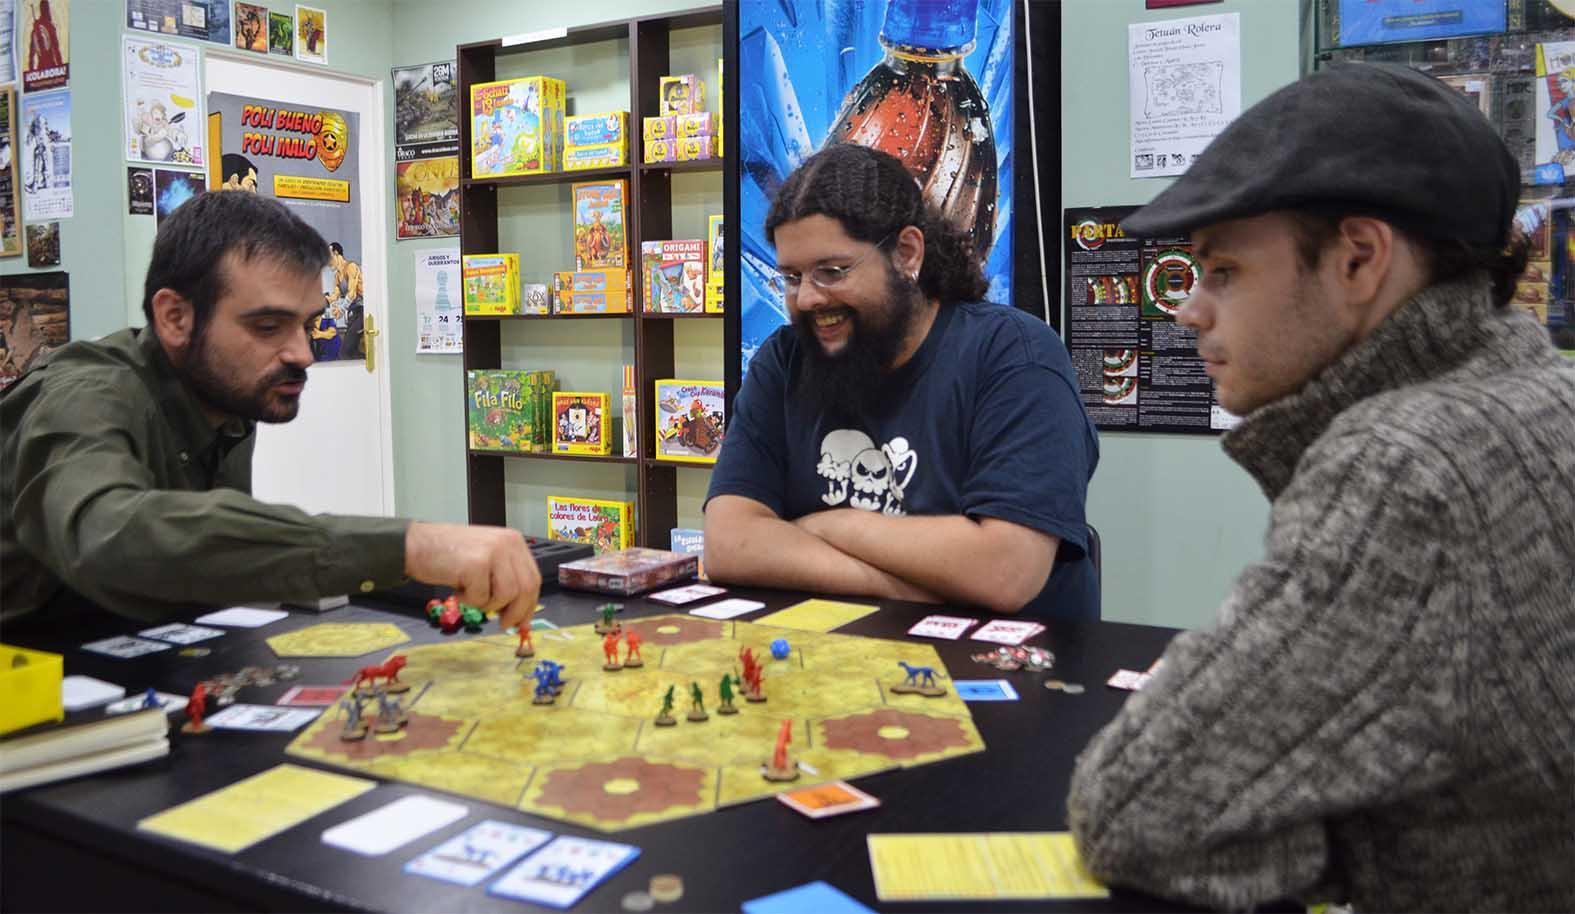 gladiatoris-en-la-comarca-de-los-juegos-5